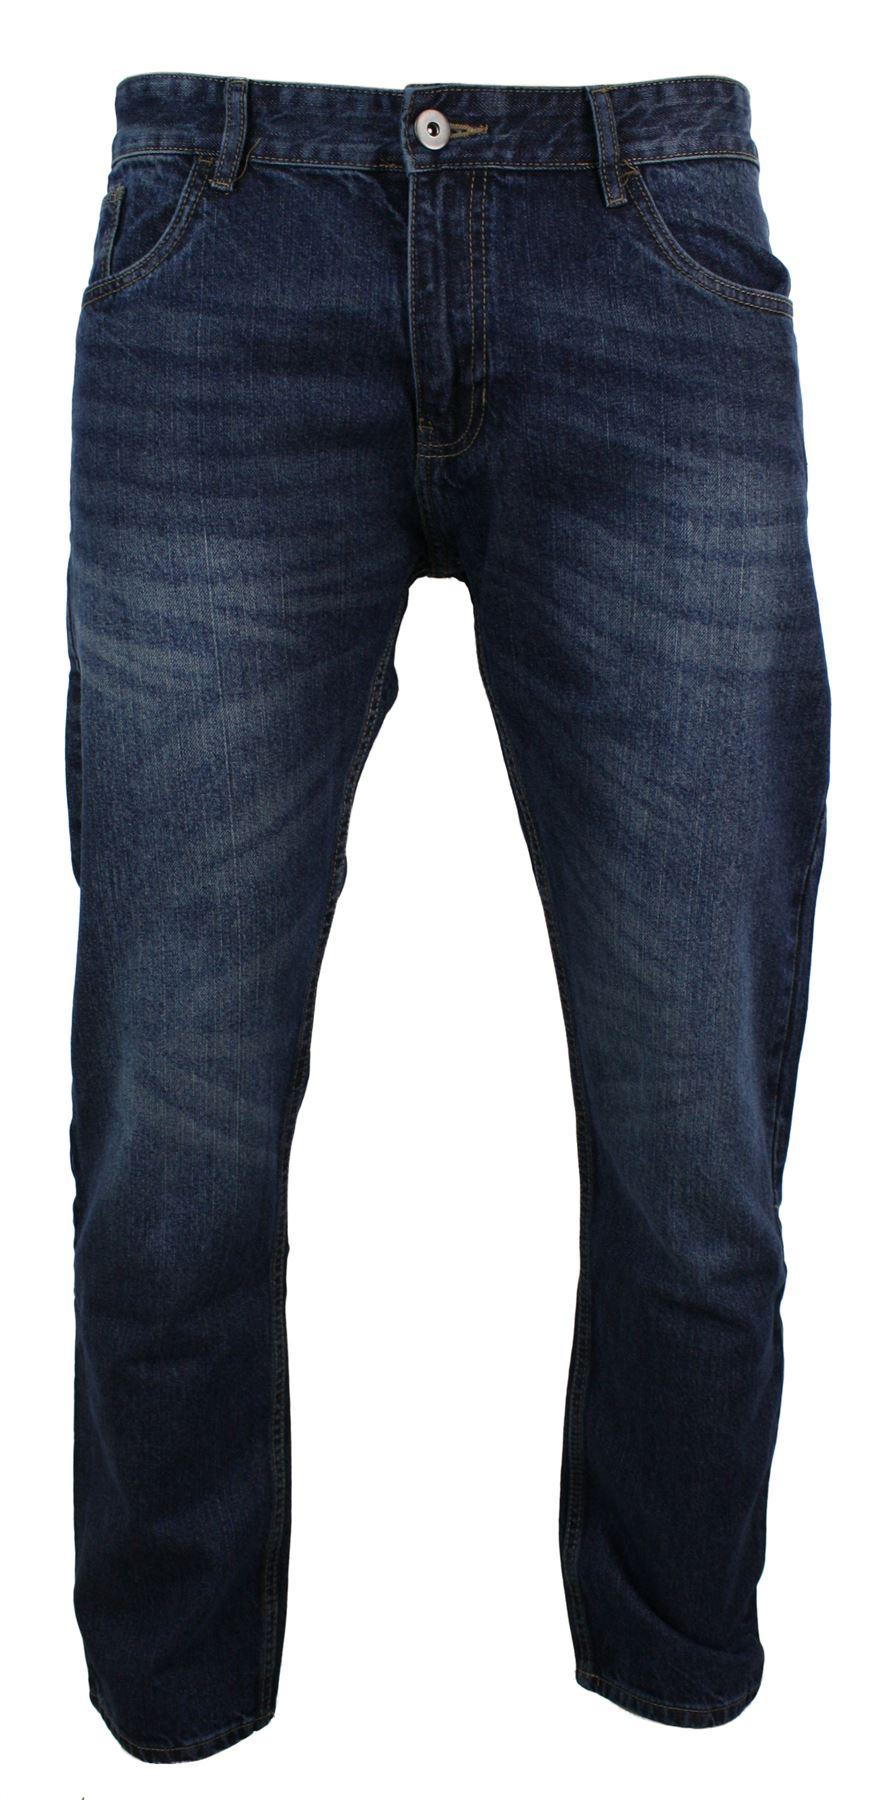 jeans homme coupe droite classique bleu clair fonc noir. Black Bedroom Furniture Sets. Home Design Ideas